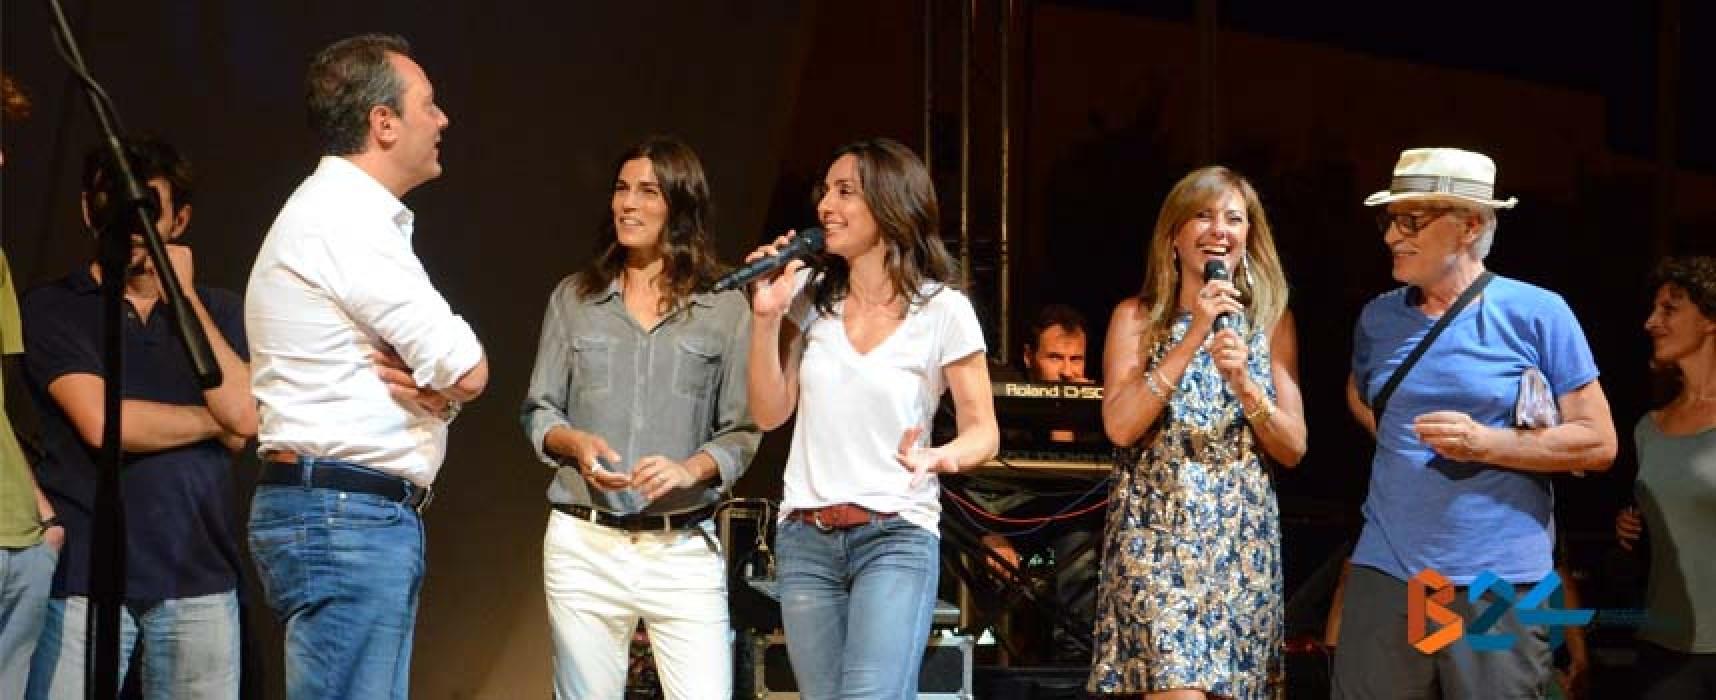 """Placido, Ambra e Valeria Solarino: """"Grazie Bisceglie, felici di aver lavorato qui"""" / FOTO"""